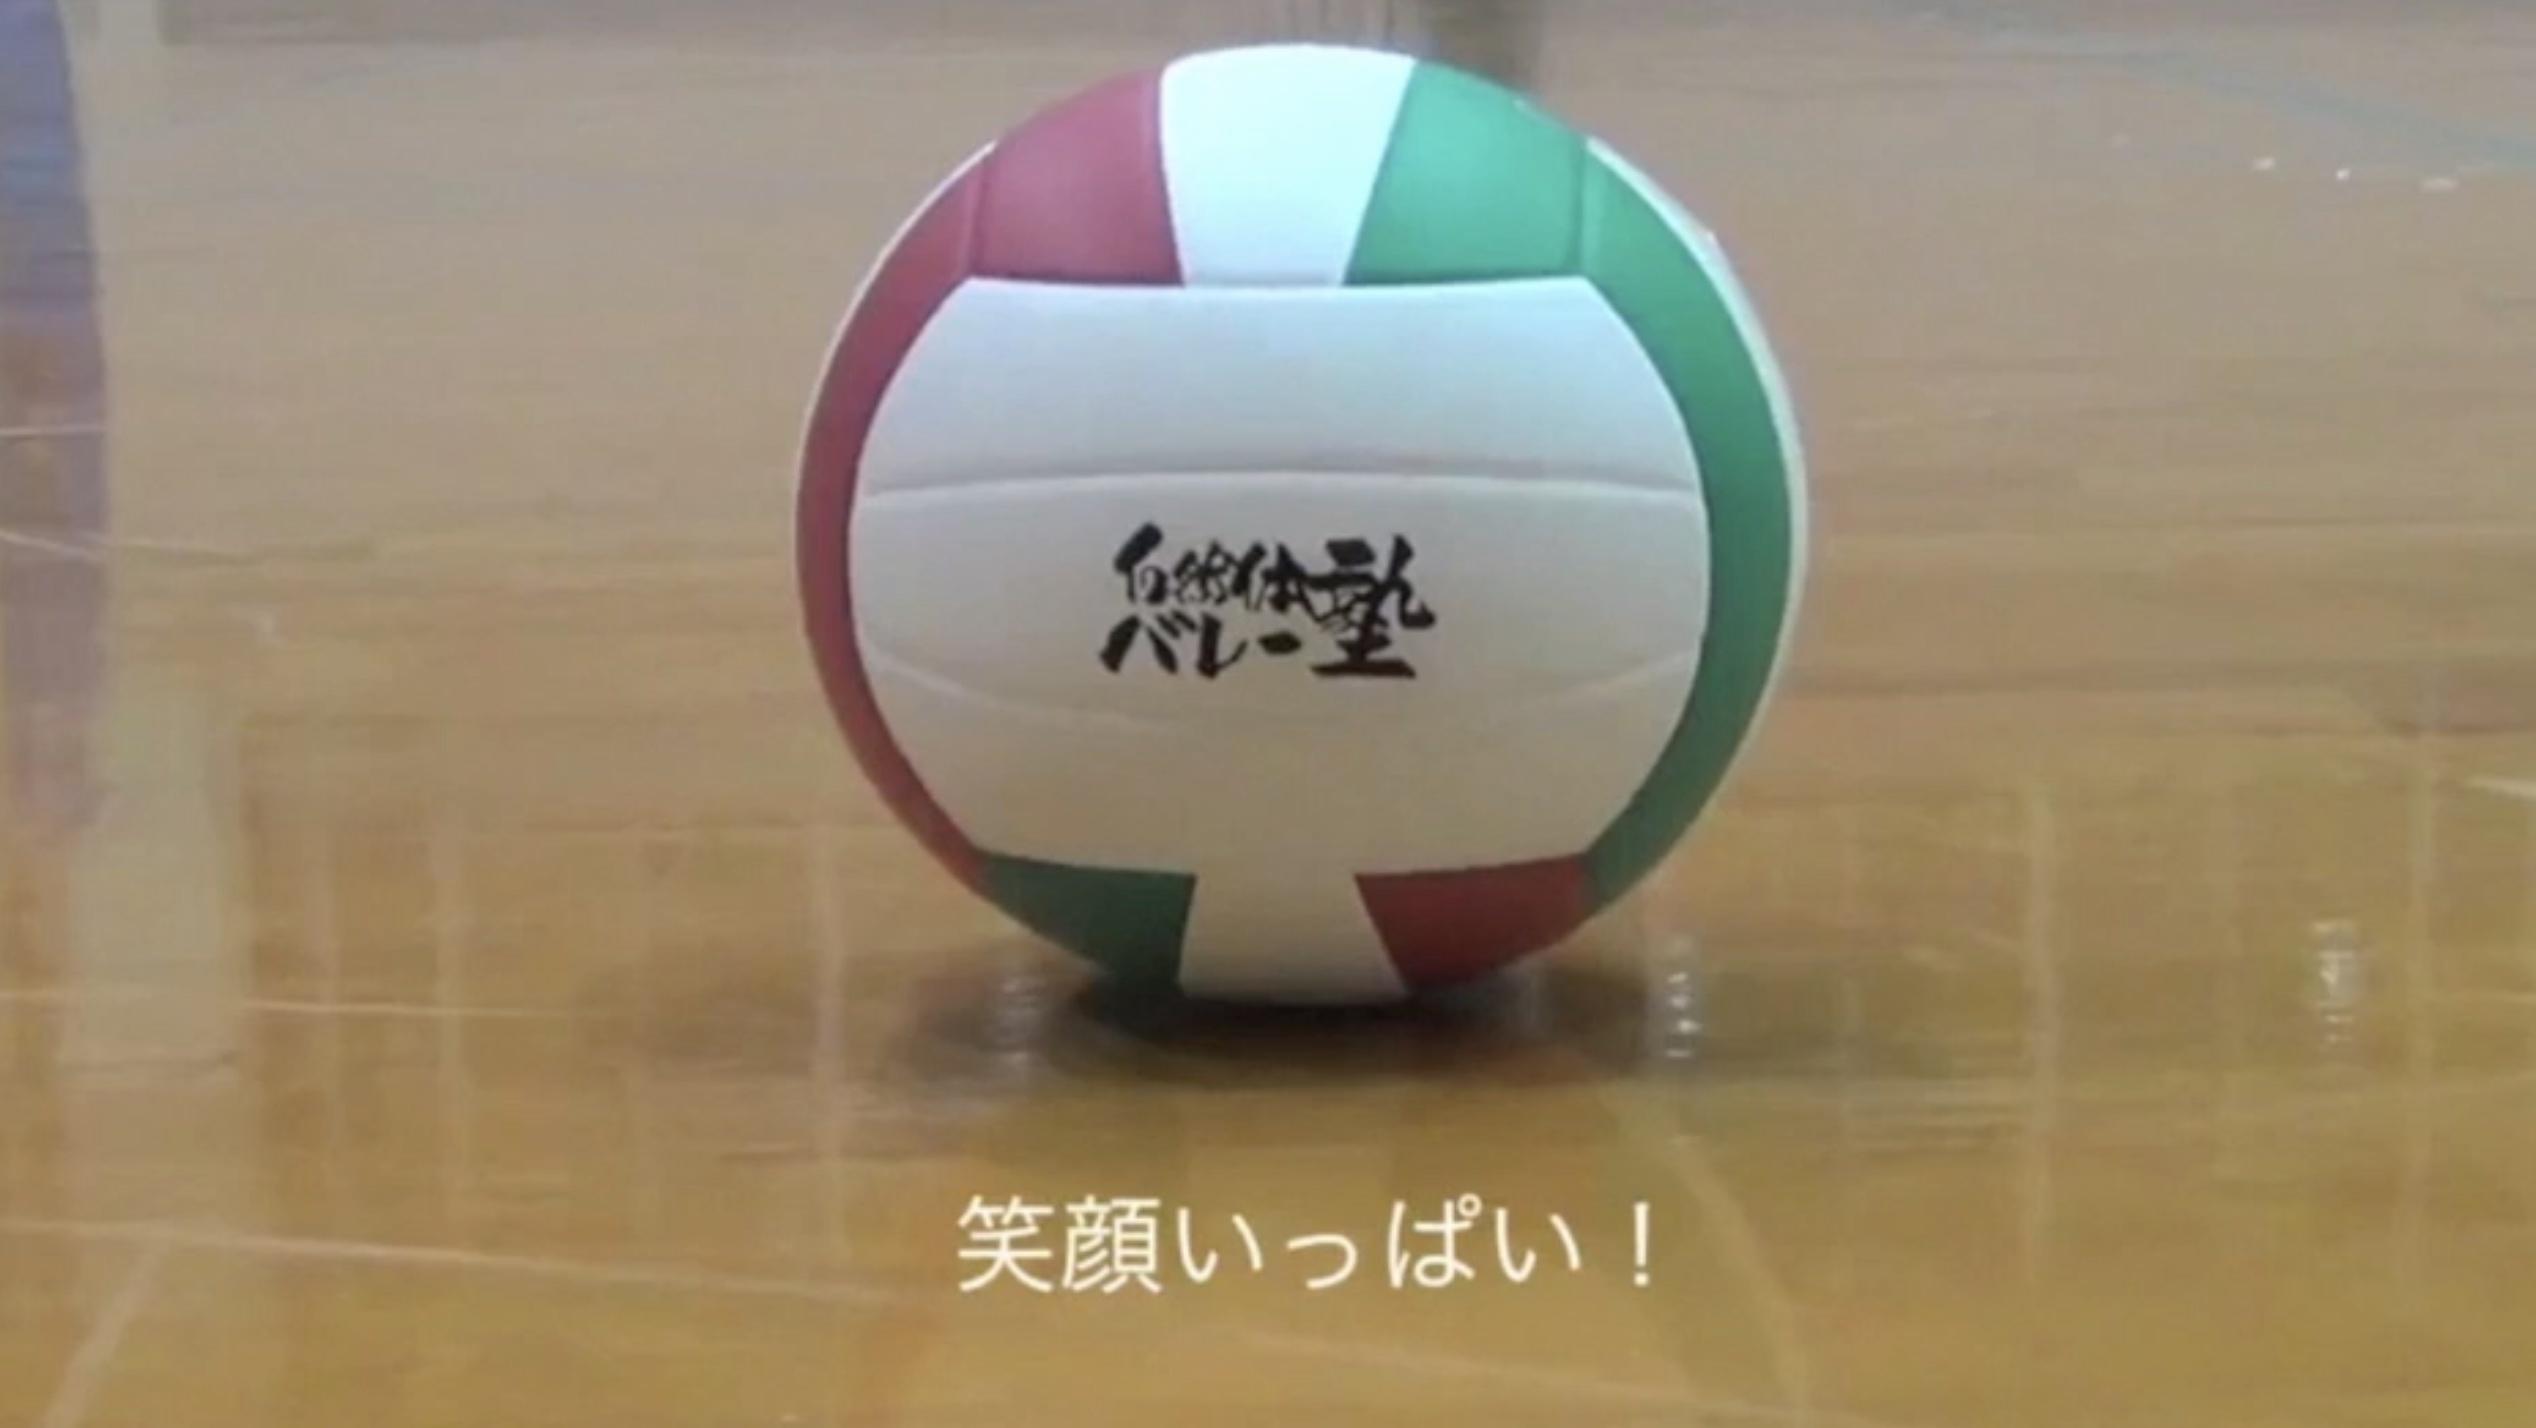 第2949話・・・バレー塾in能生17_c0000970_16295093.jpg